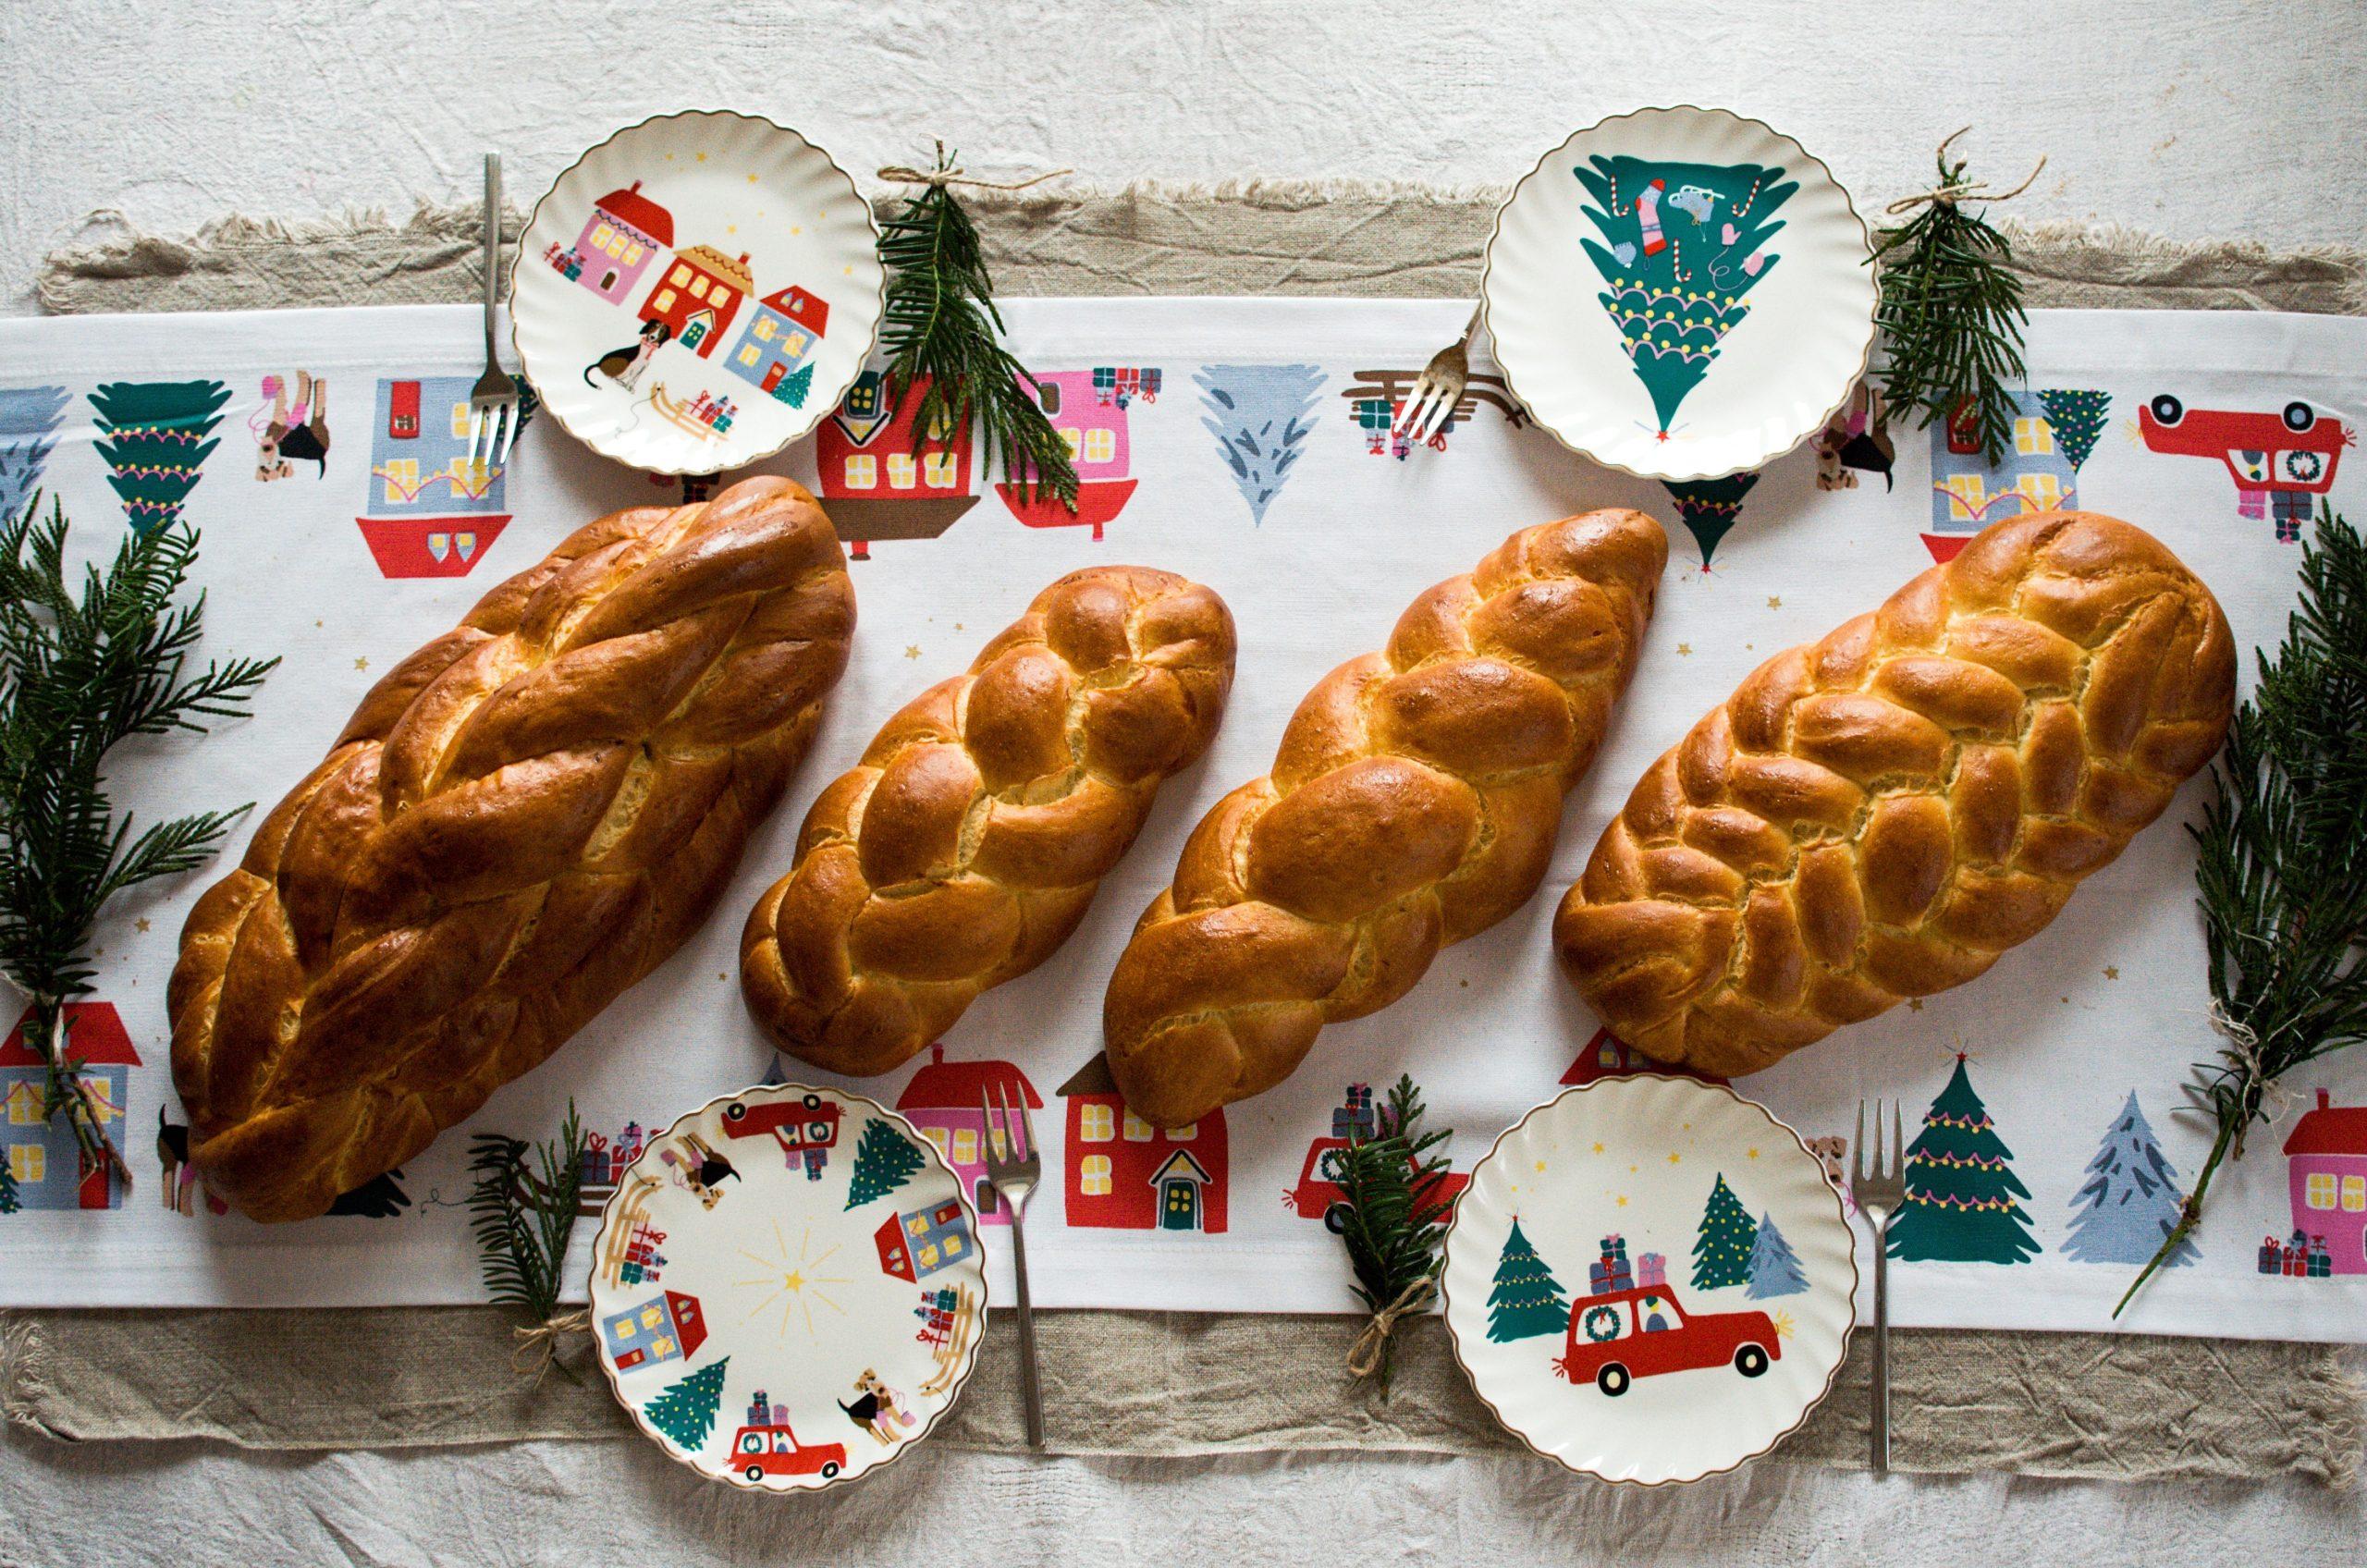 Vánočkové tipy – jak ji zaplést a nesplést se